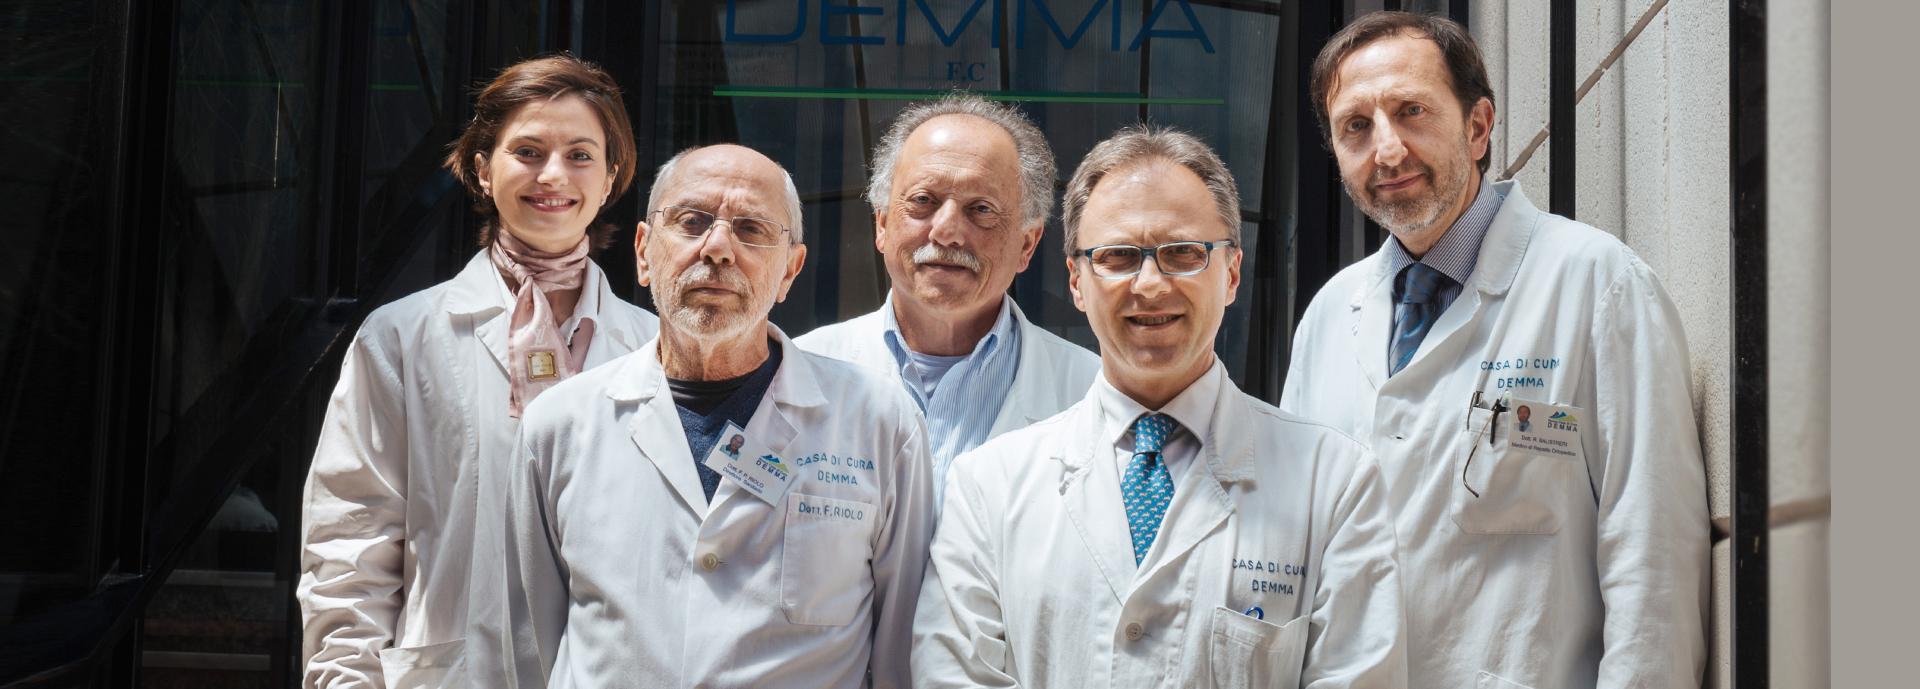 staff clinica demma 2